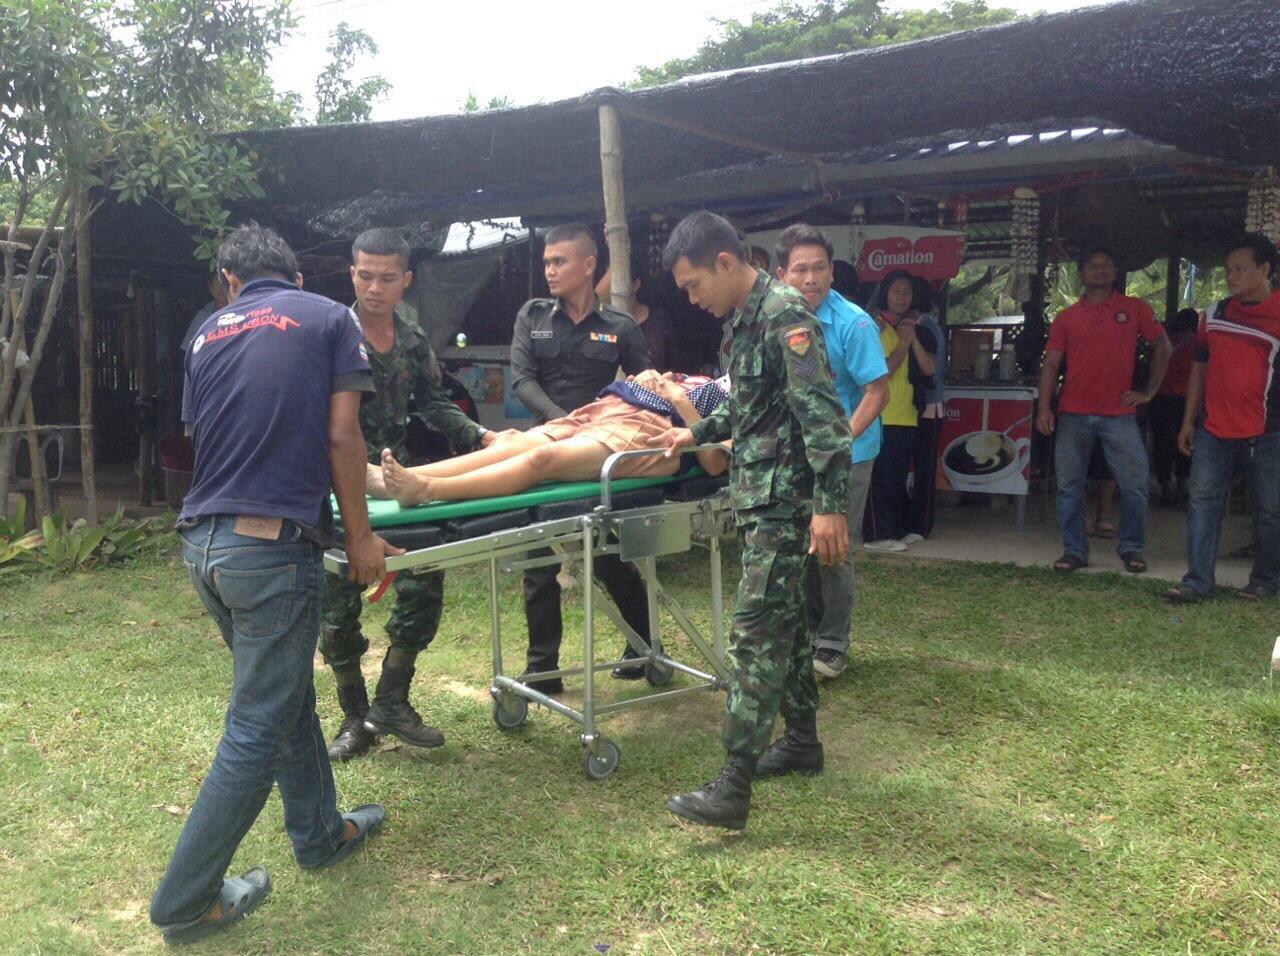 ได้ใจ!  3 พลทหาร ช่วยเหลือประชาชน ที่ อุบลราชธานี